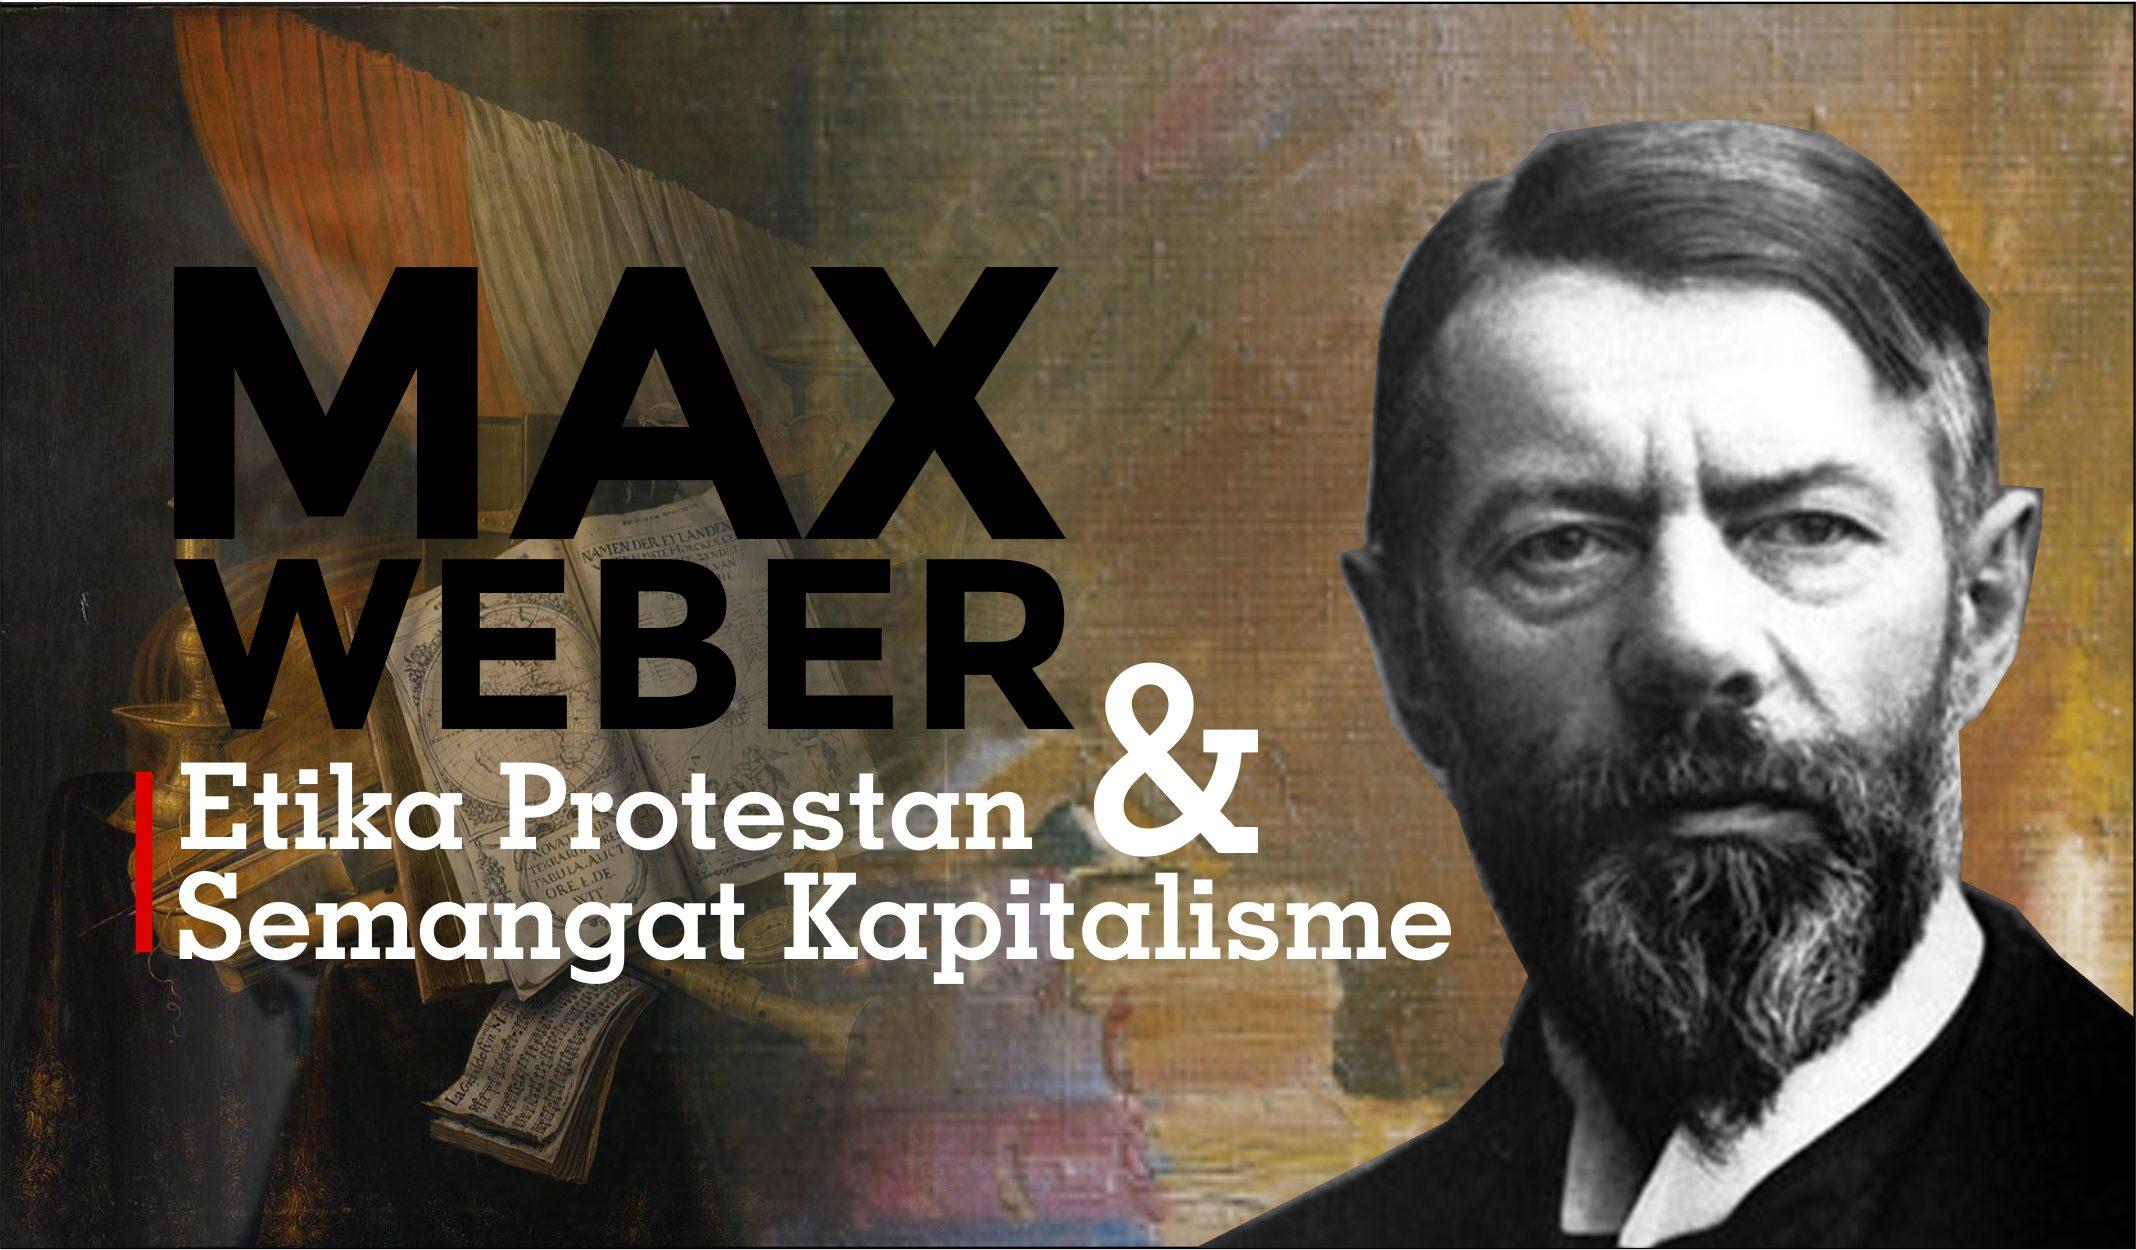 Max weber Etika Protestan Dan Semangat Kapitalisme